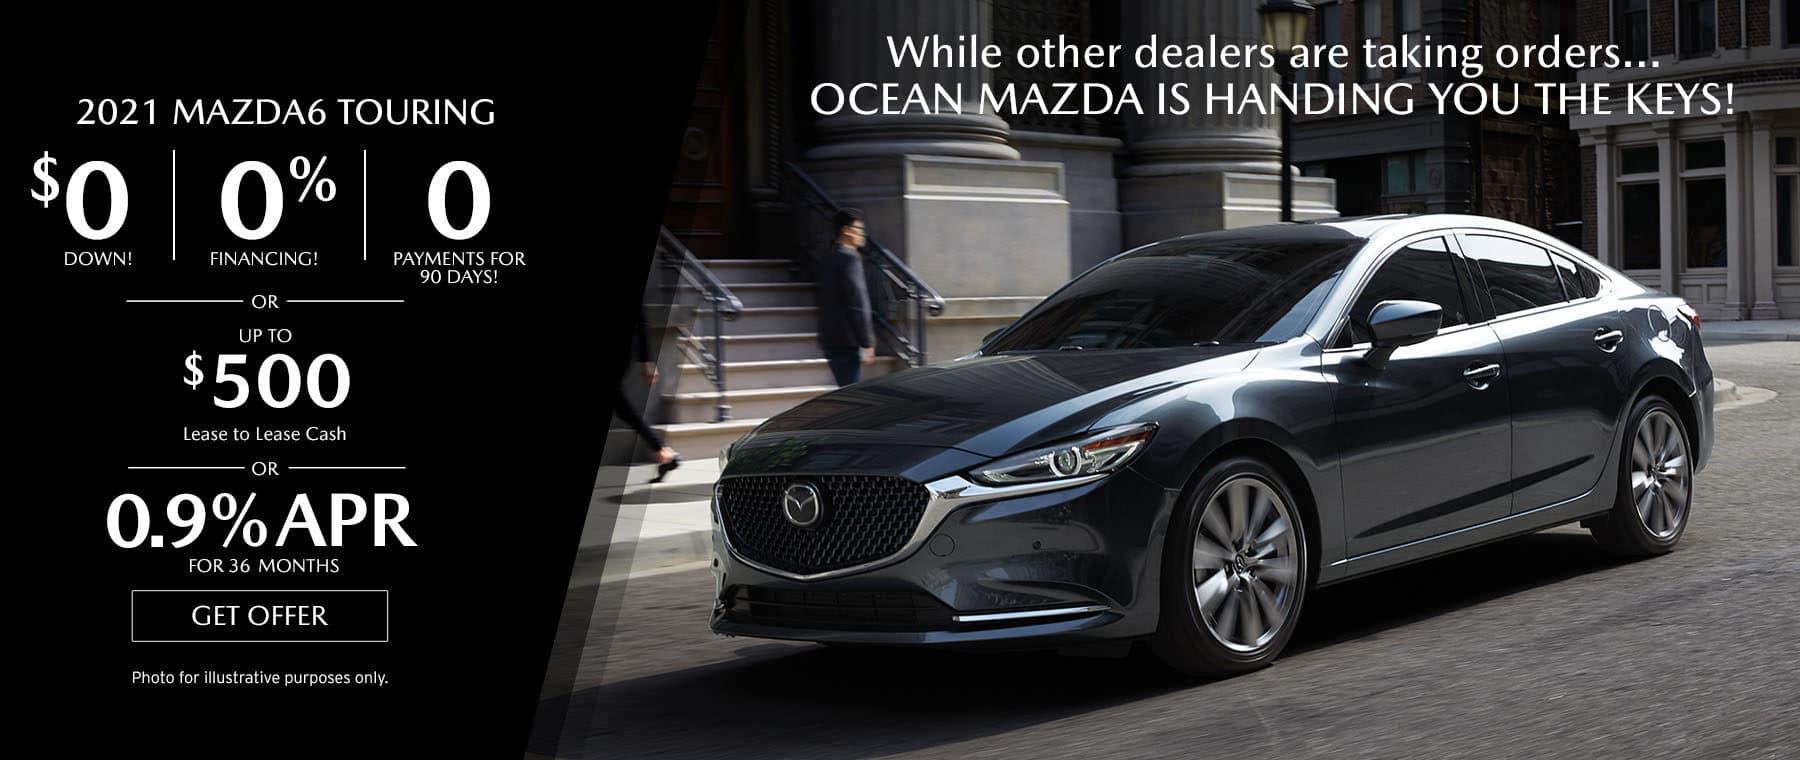 OceanMazda_Slide_1800x760_Mazda6_10-21